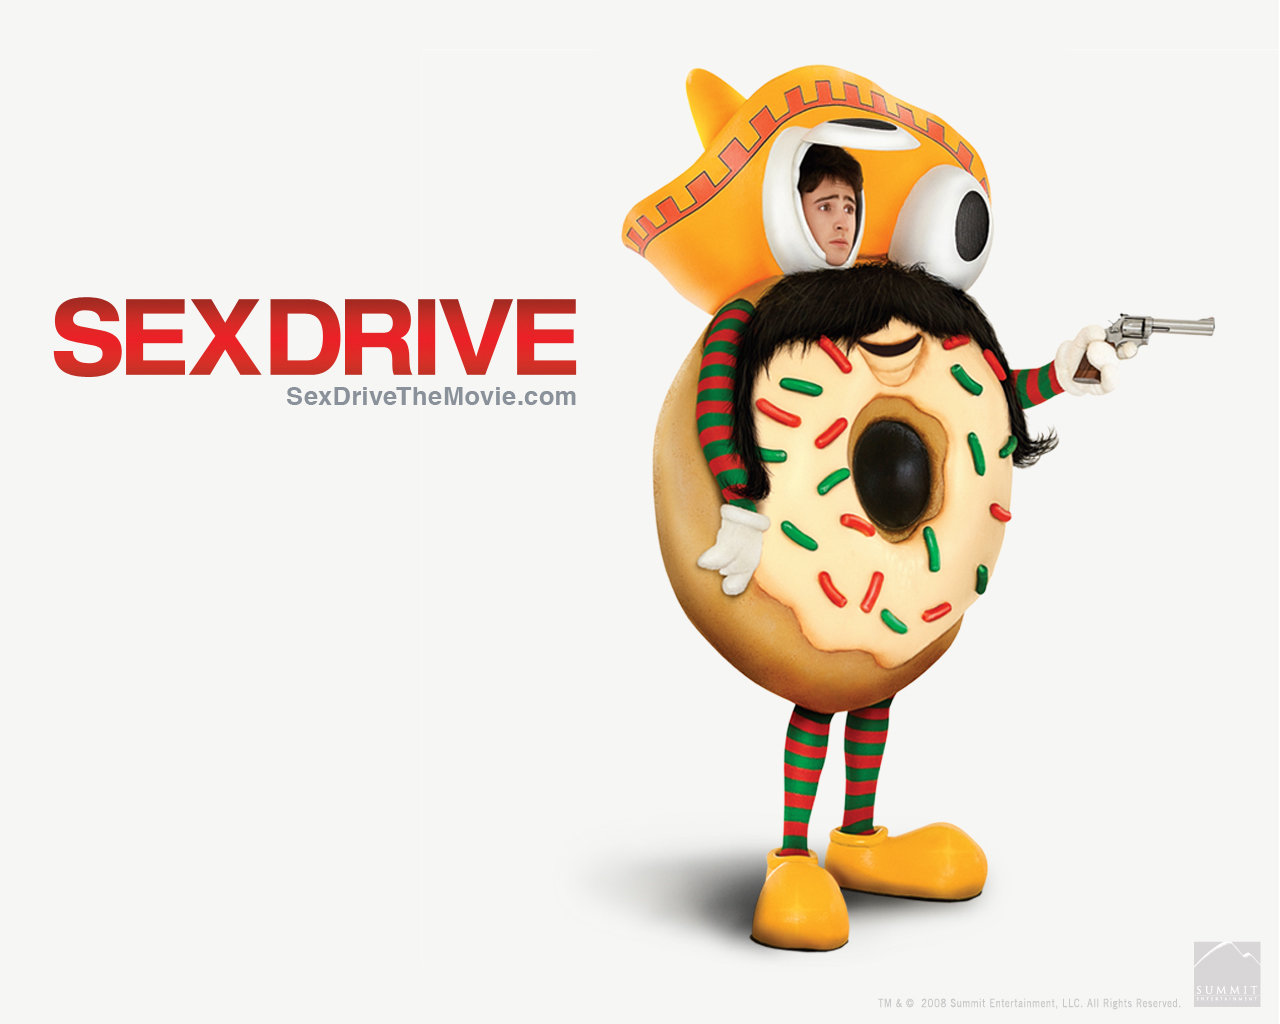 http://3.bp.blogspot.com/-GhlXDizkskQ/TVbGNhjBOvI/AAAAAAAAAEU/ZdMQTrmy39o/s1600/Josh_Zuckerman_in_Sex_Drive_Wallpaper_1_1280.jpg